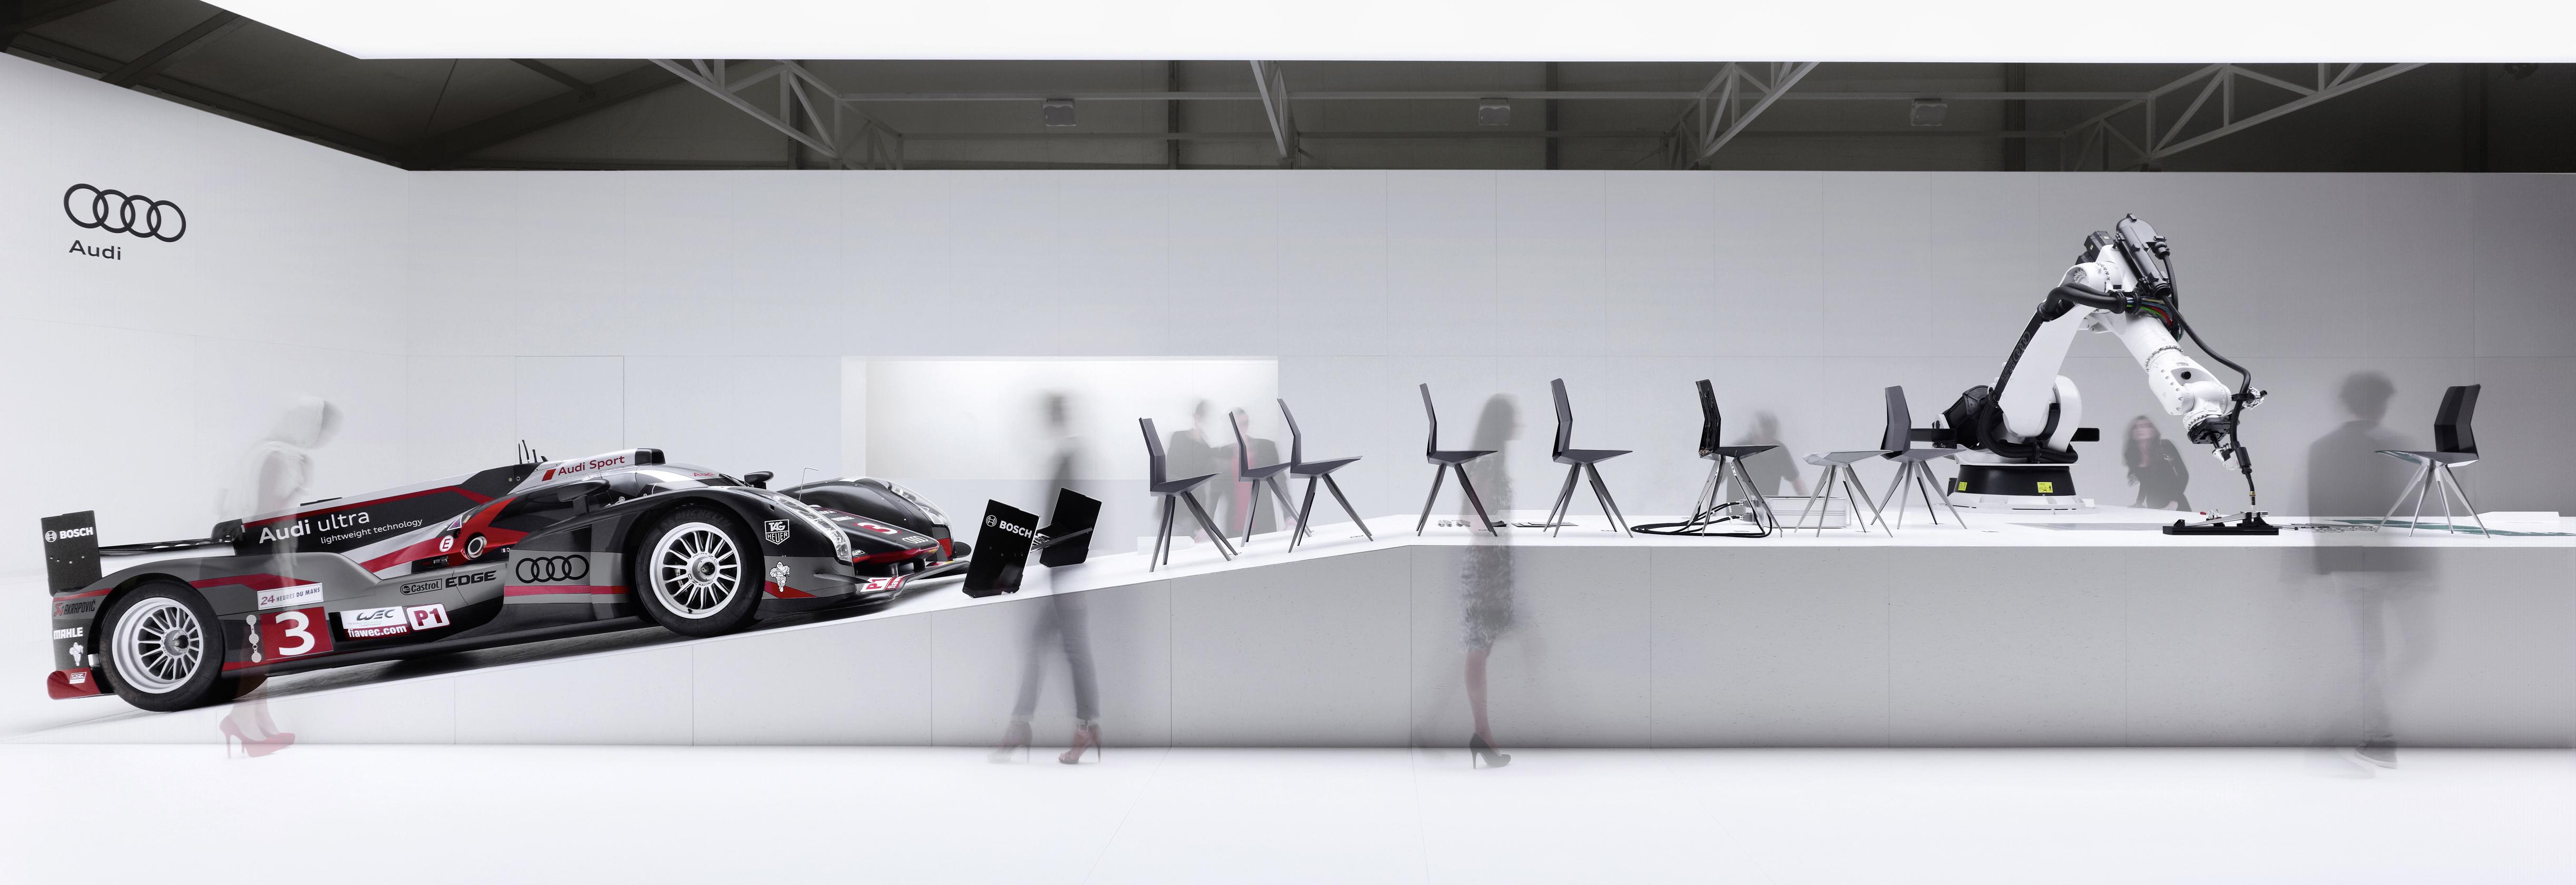 Ultralekkie krzesło Audi (wideo)